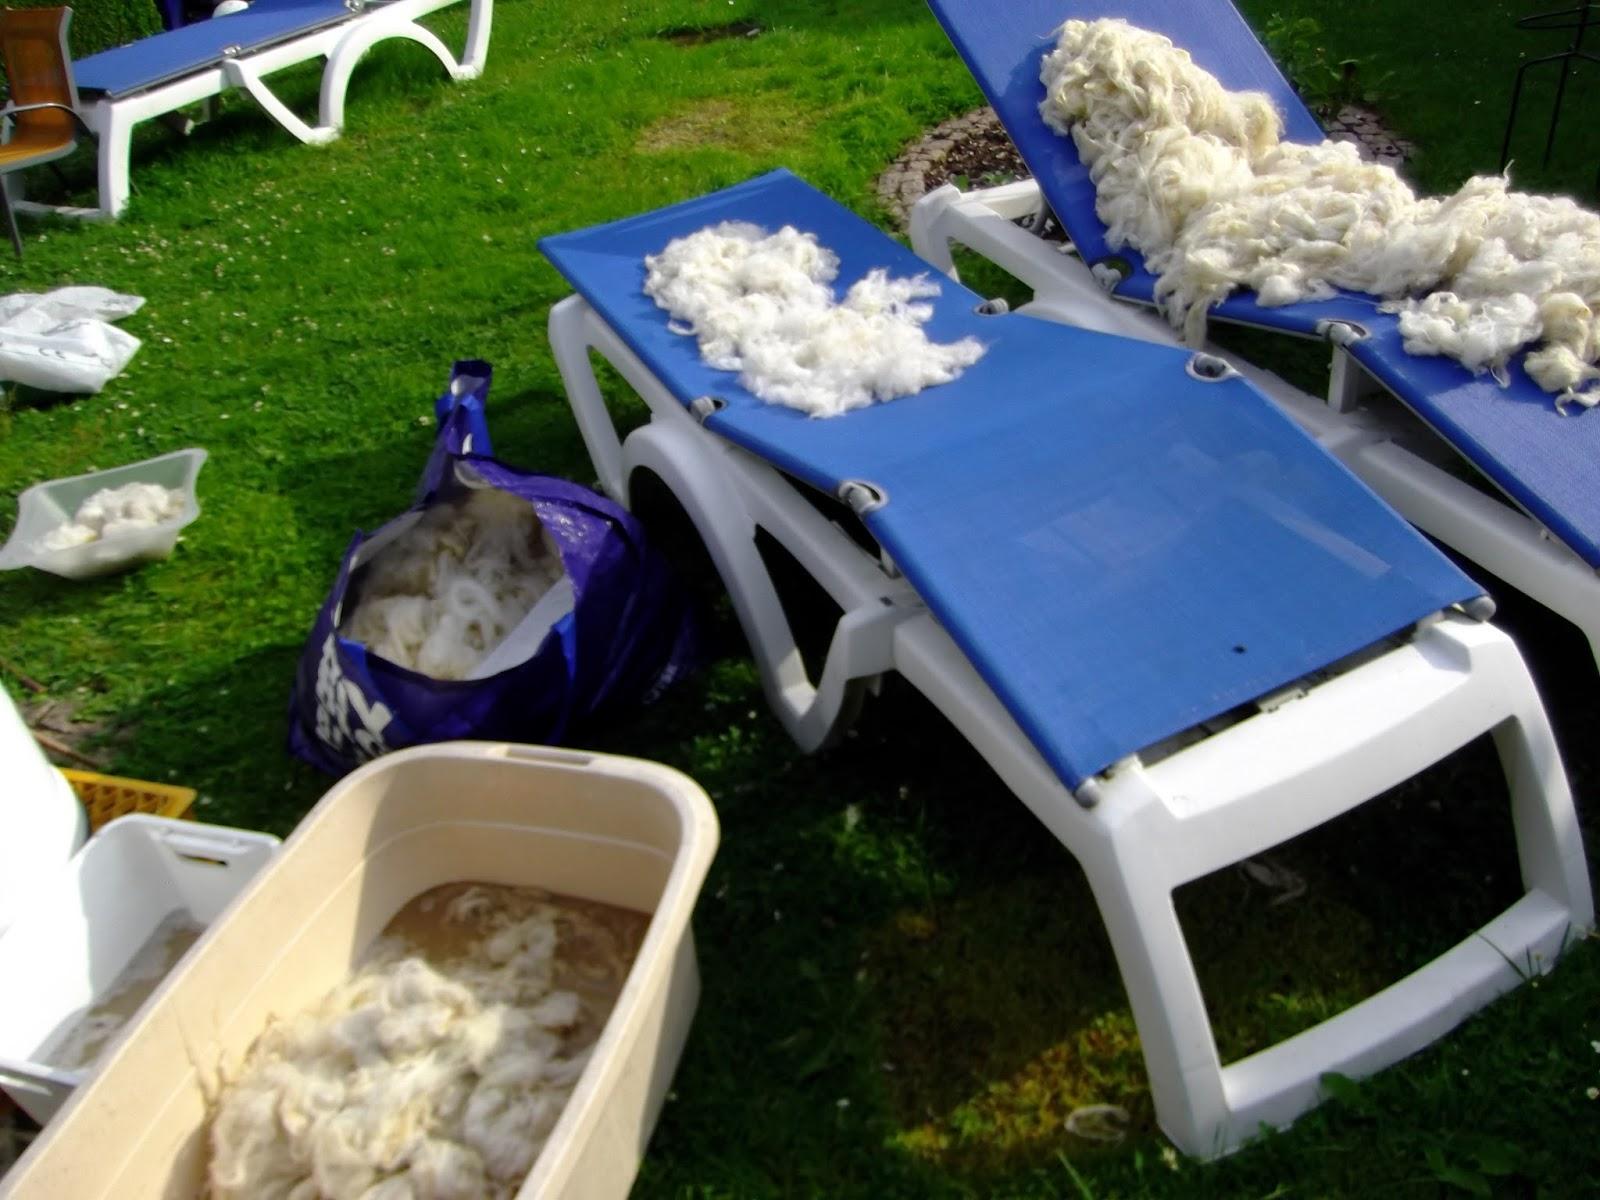 Nana spinnt die badesaison ist er ffnet - Pool wanne gebraucht ...